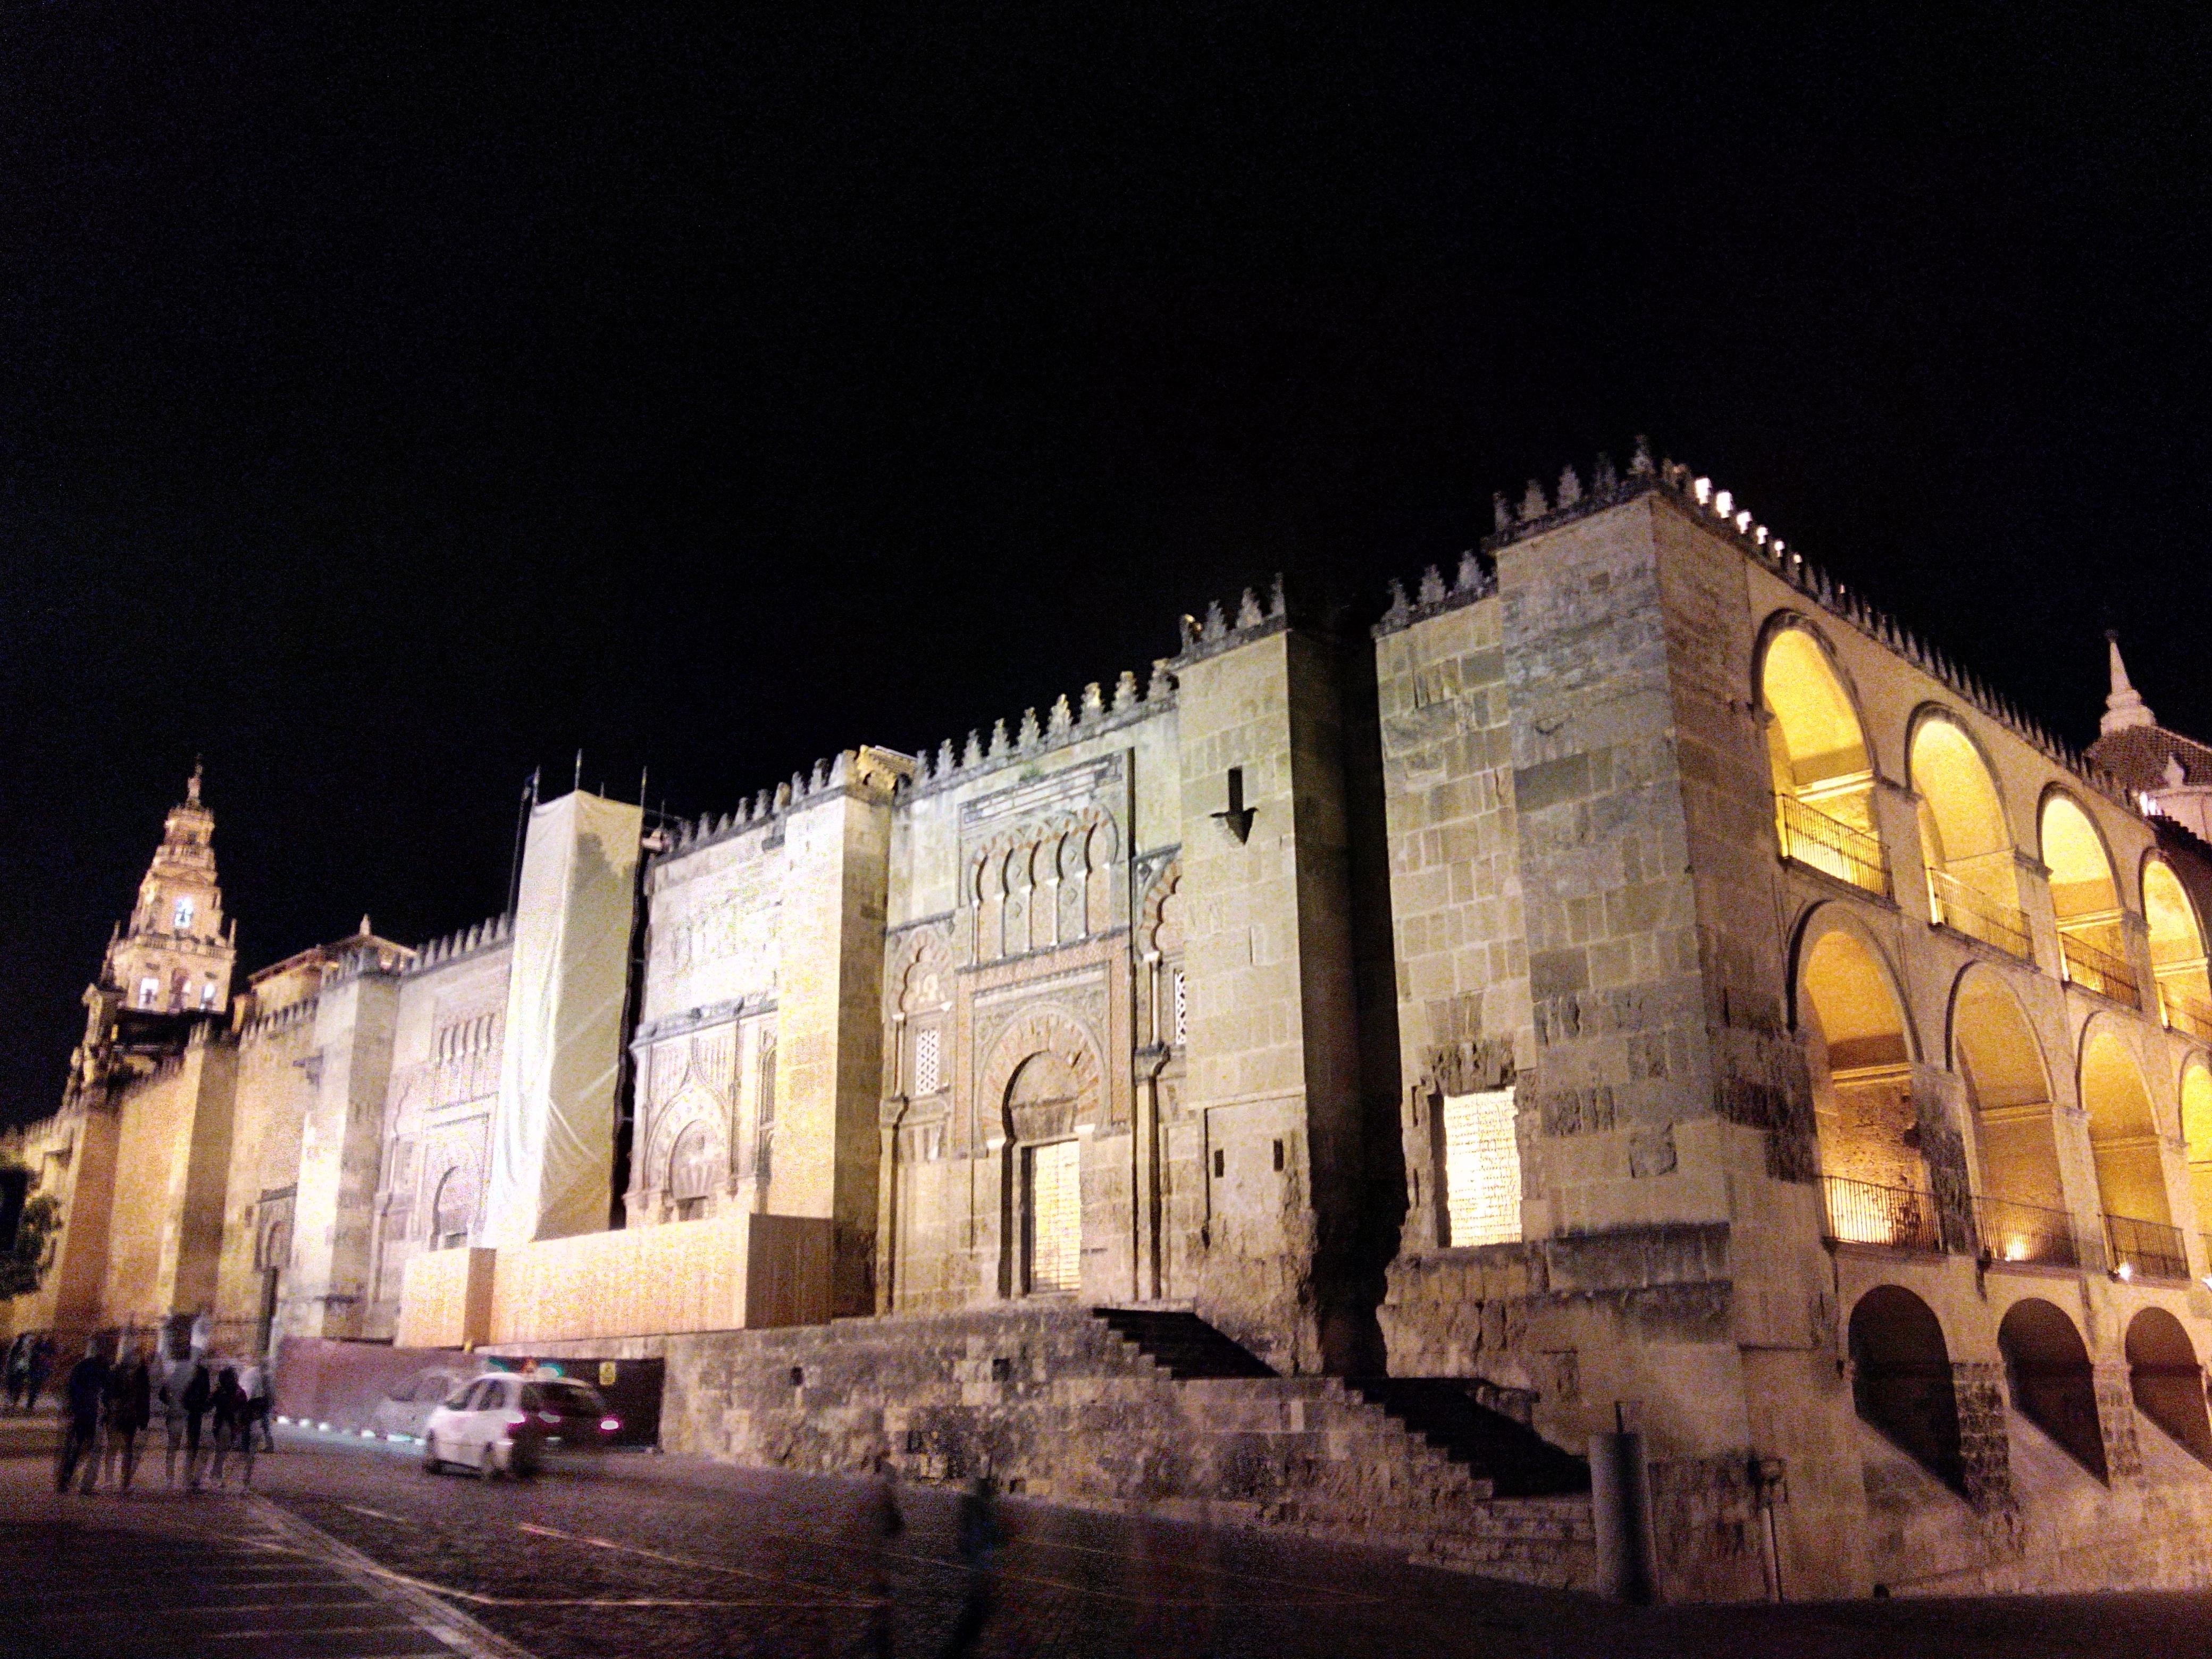 Un lugar de la historia catedral o mezquita mezquita o - Mezquita de cordoba de noche ...